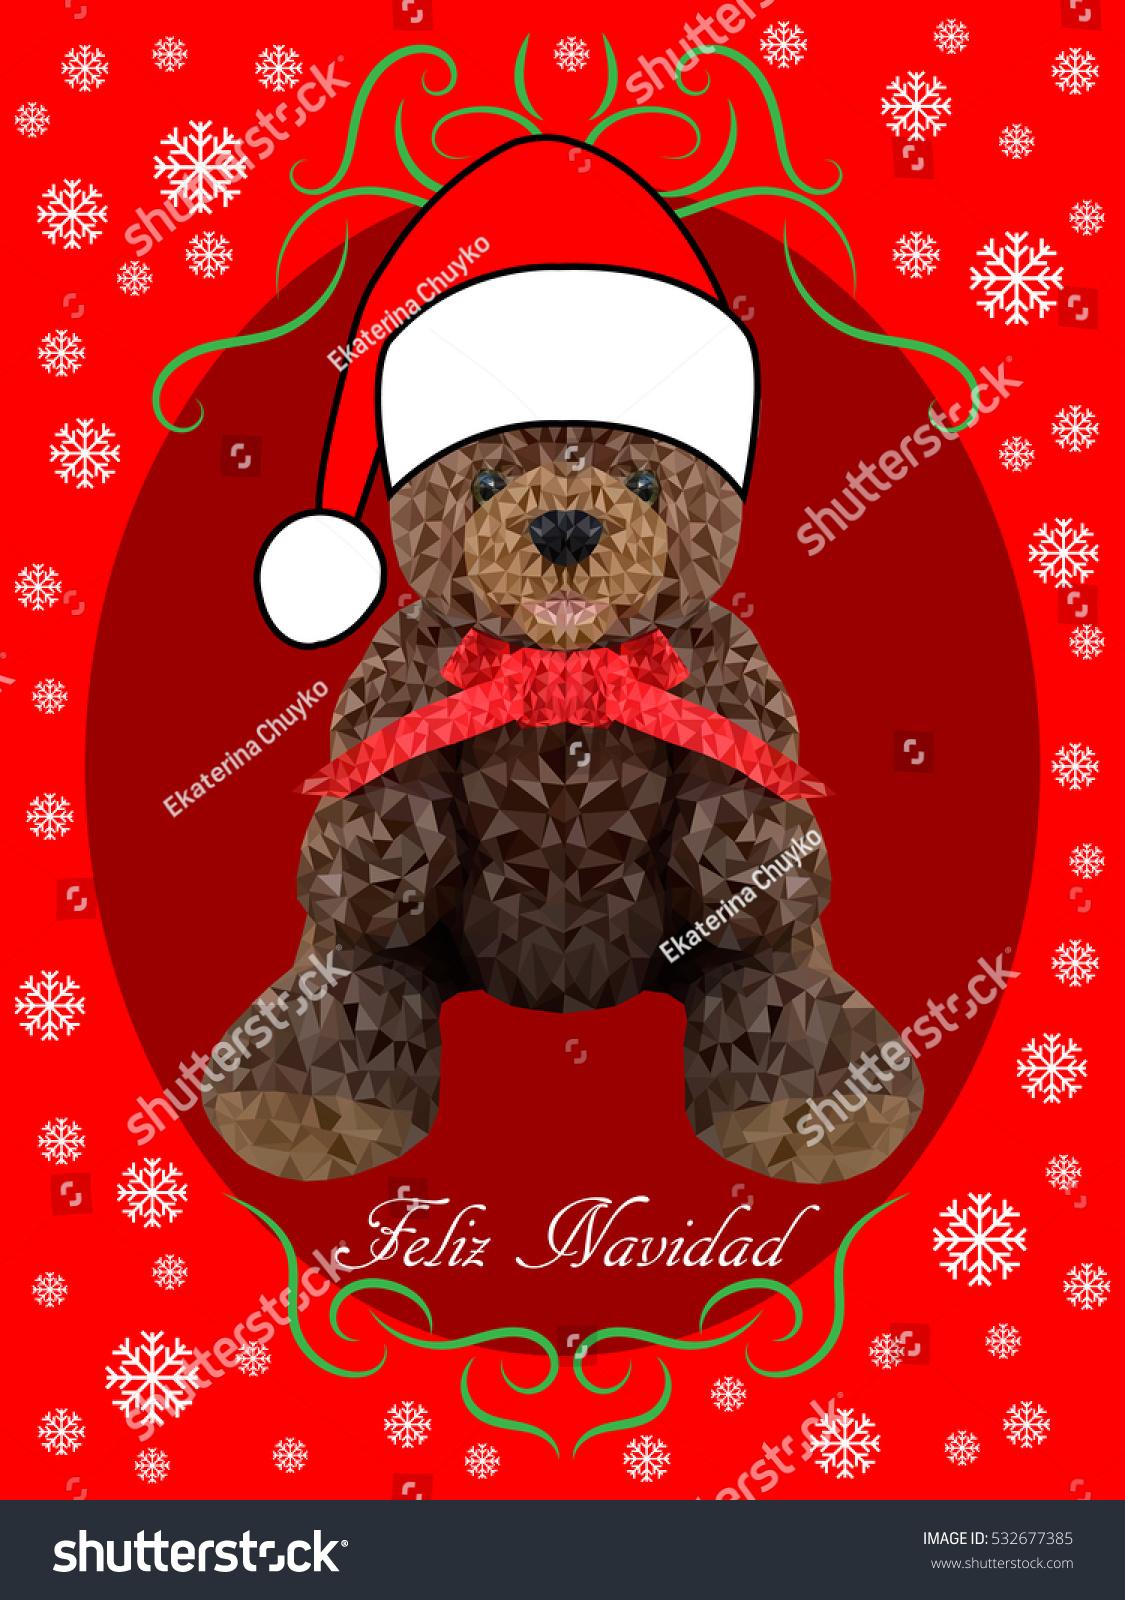 Feliz navidad vector merry christmas card stock vector 532677385 vector merry christmas card template with greetings in spanish kristyandbryce Images